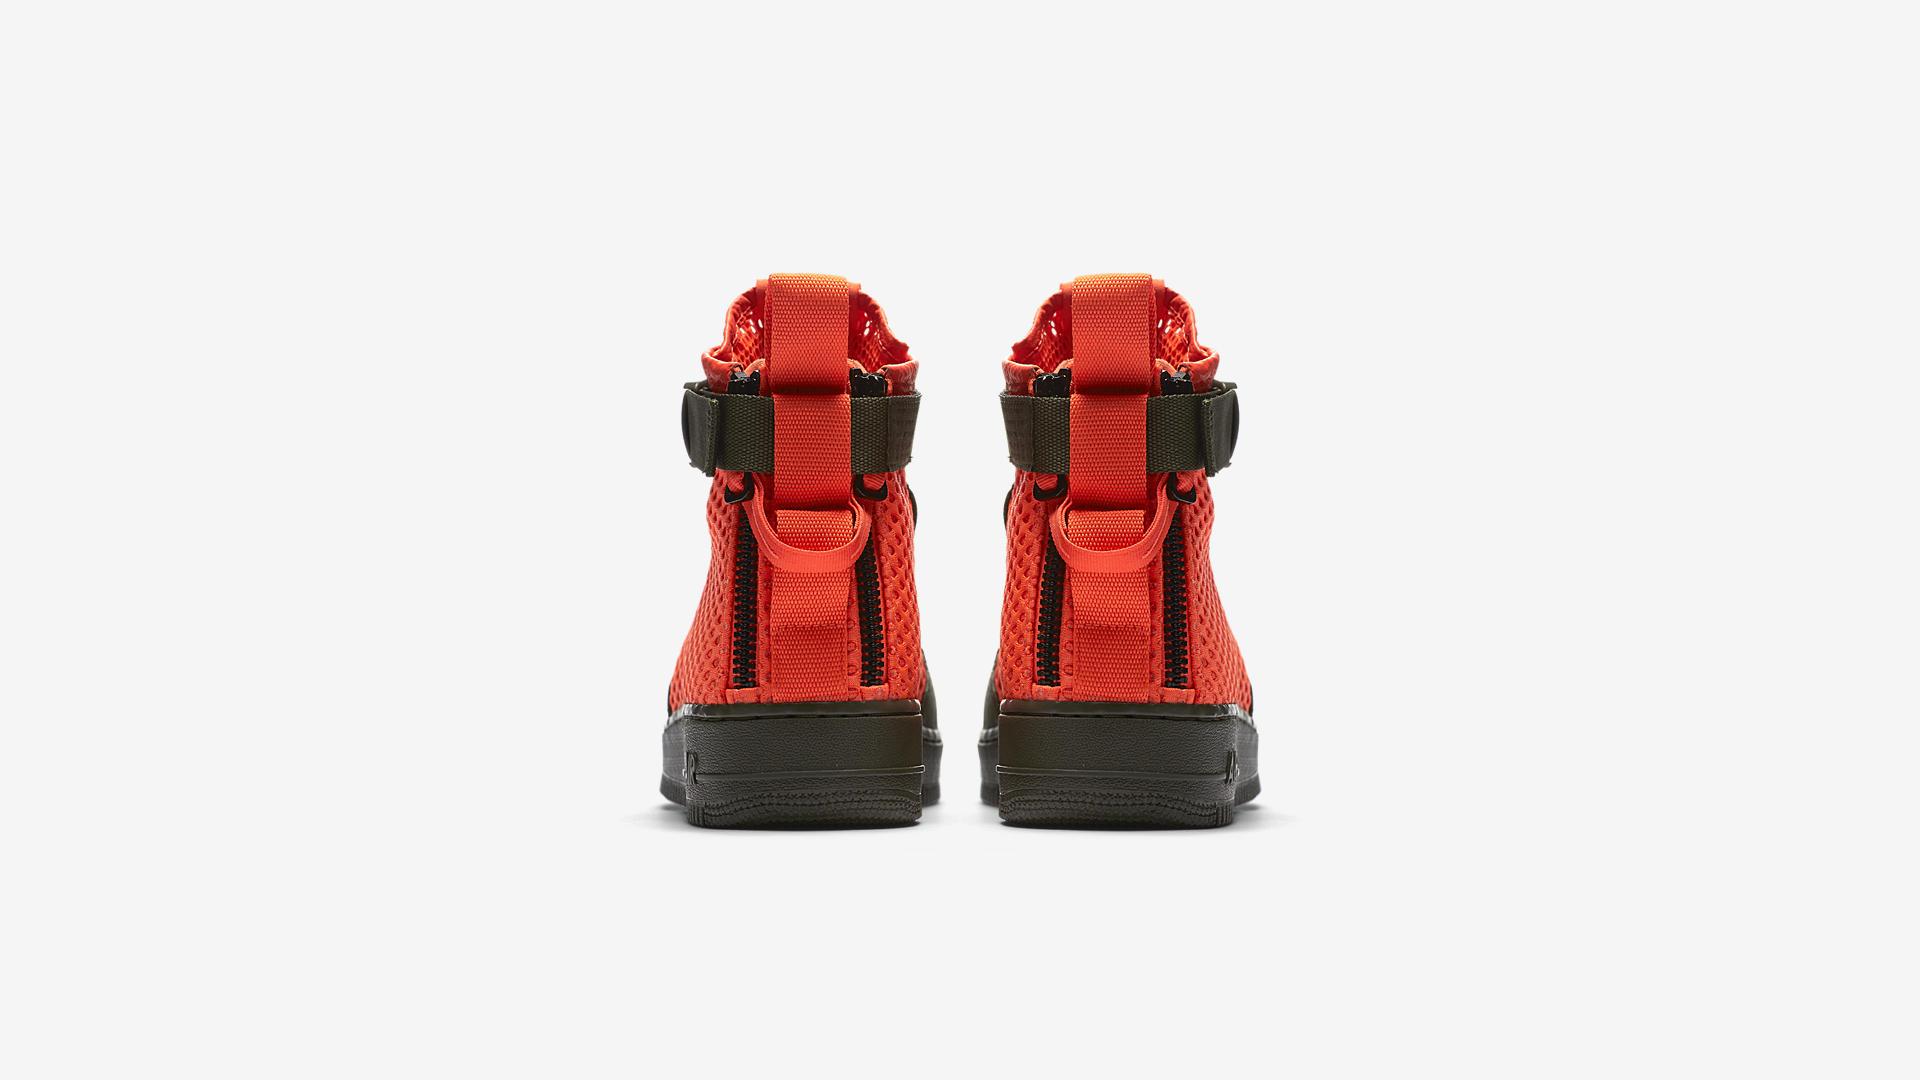 AA7345 300 Nike SF Air Force 1 Mid Cargo Khaki Total Crimson 2